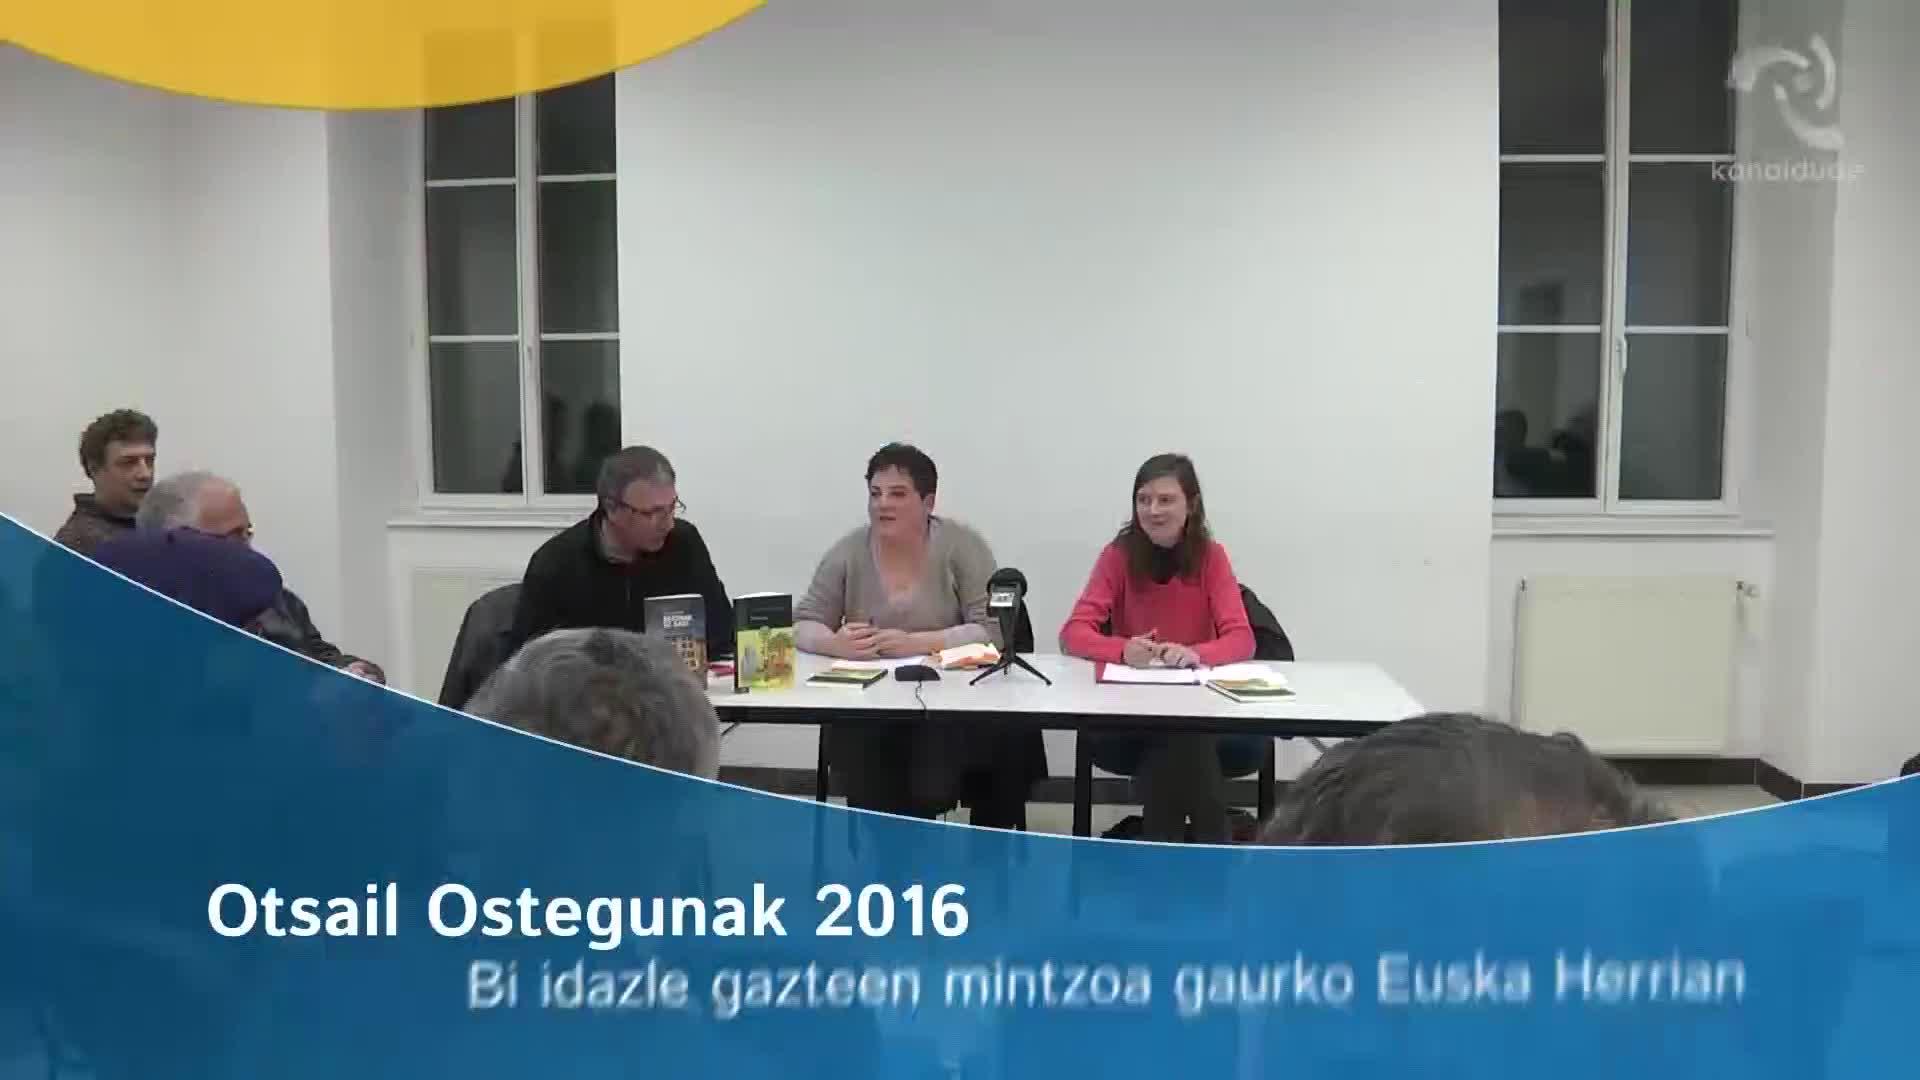 Otsail ostegunak 2016- Bi idazle gazteen mintzoa gaurko Euskal herrian